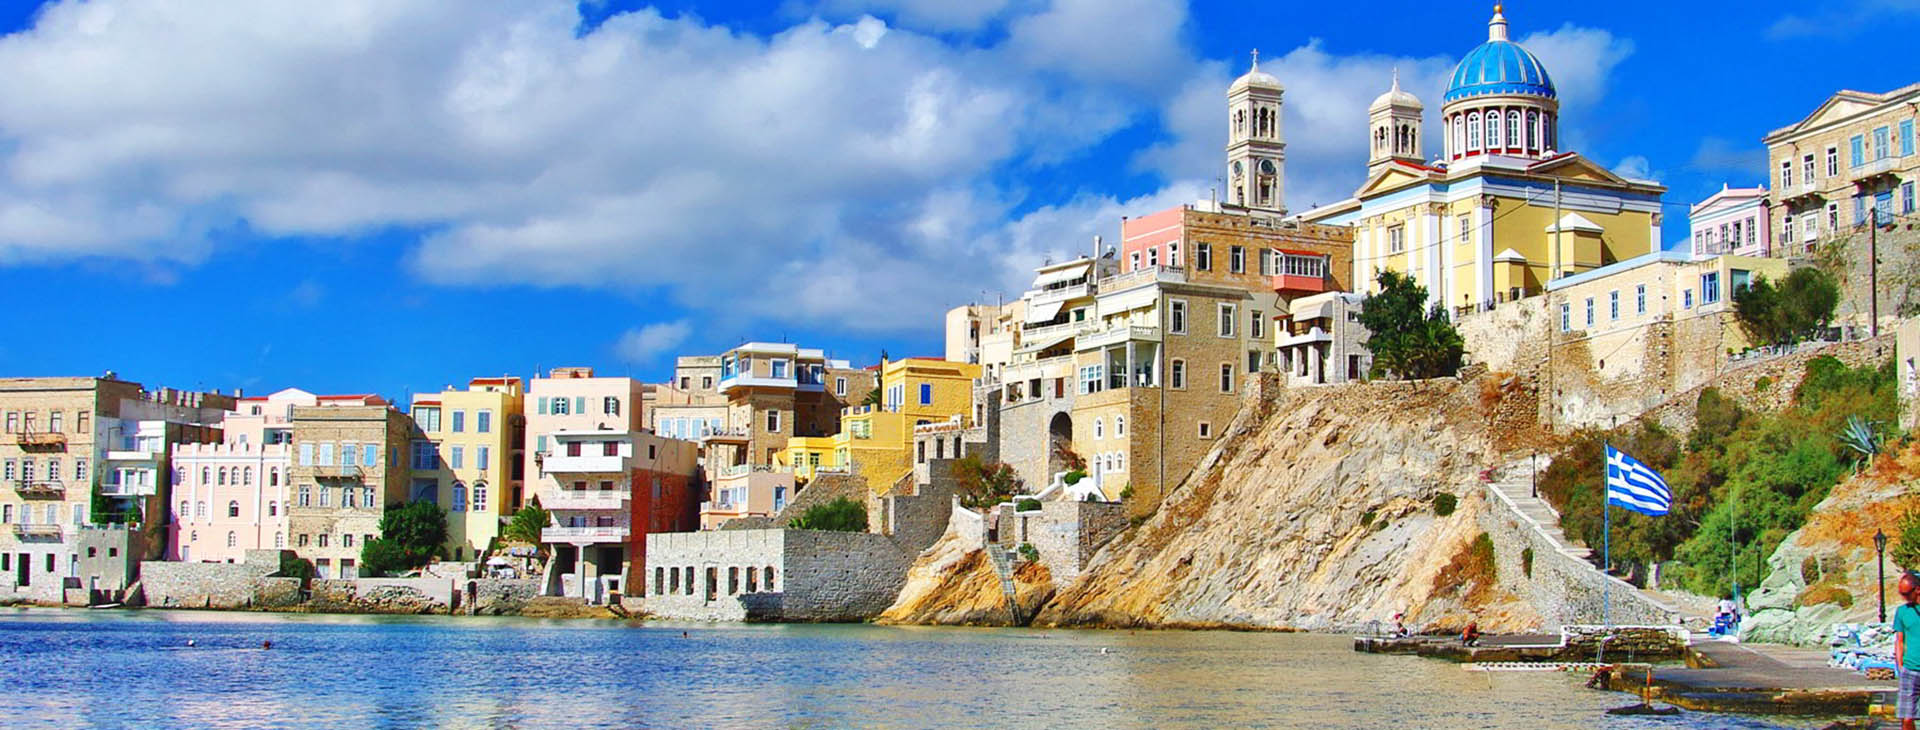 Ermoupolis town, Syros island